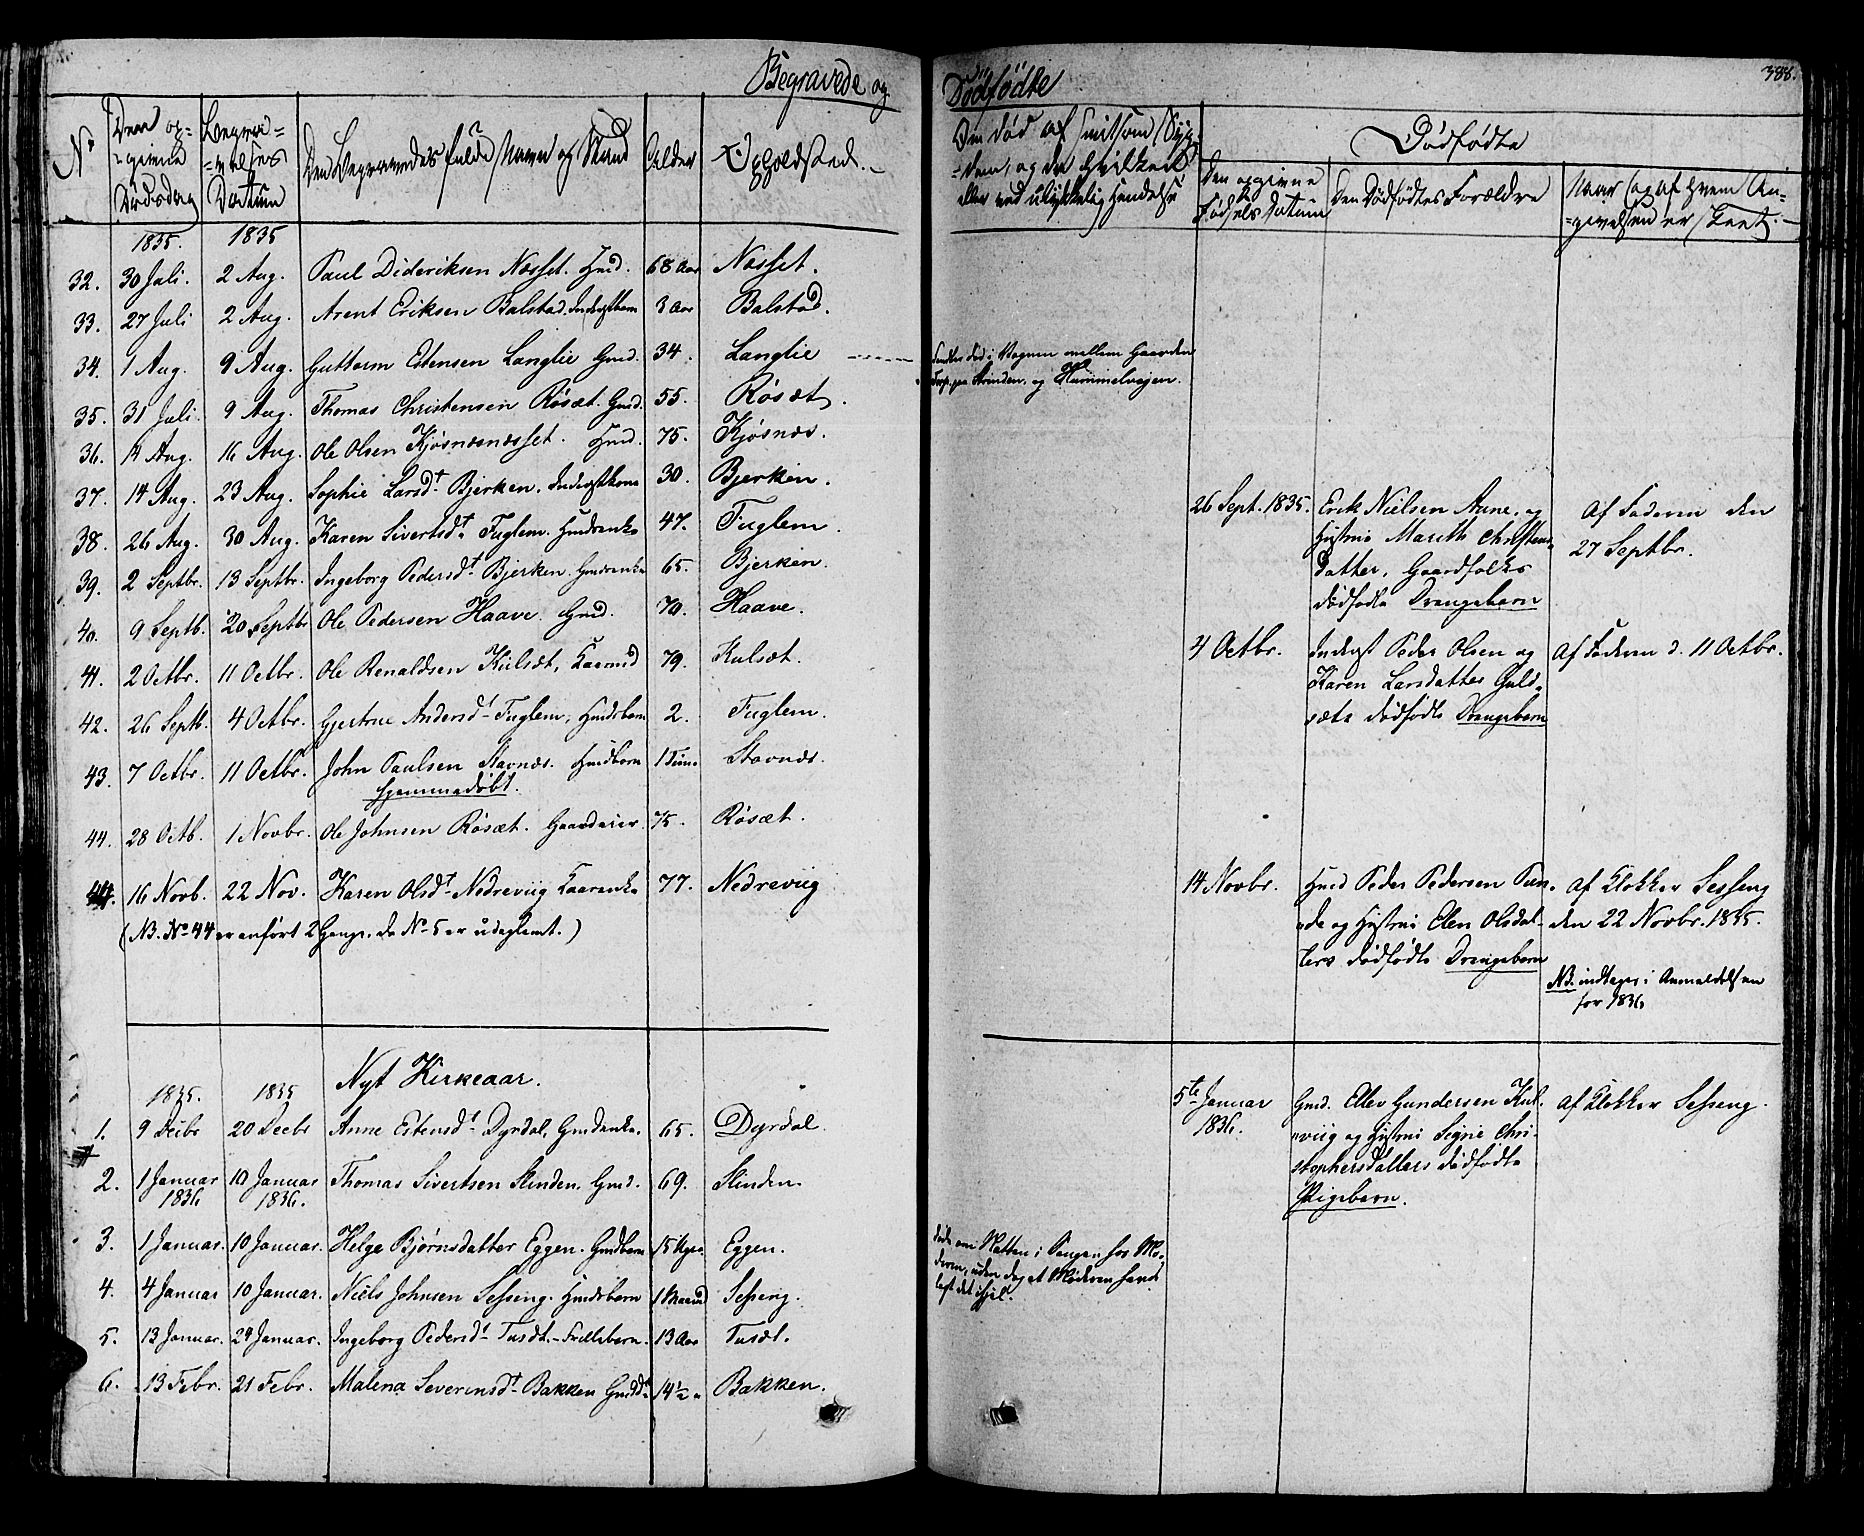 SAT, Ministerialprotokoller, klokkerbøker og fødselsregistre - Sør-Trøndelag, 695/L1143: Ministerialbok nr. 695A05 /1, 1824-1842, s. 388